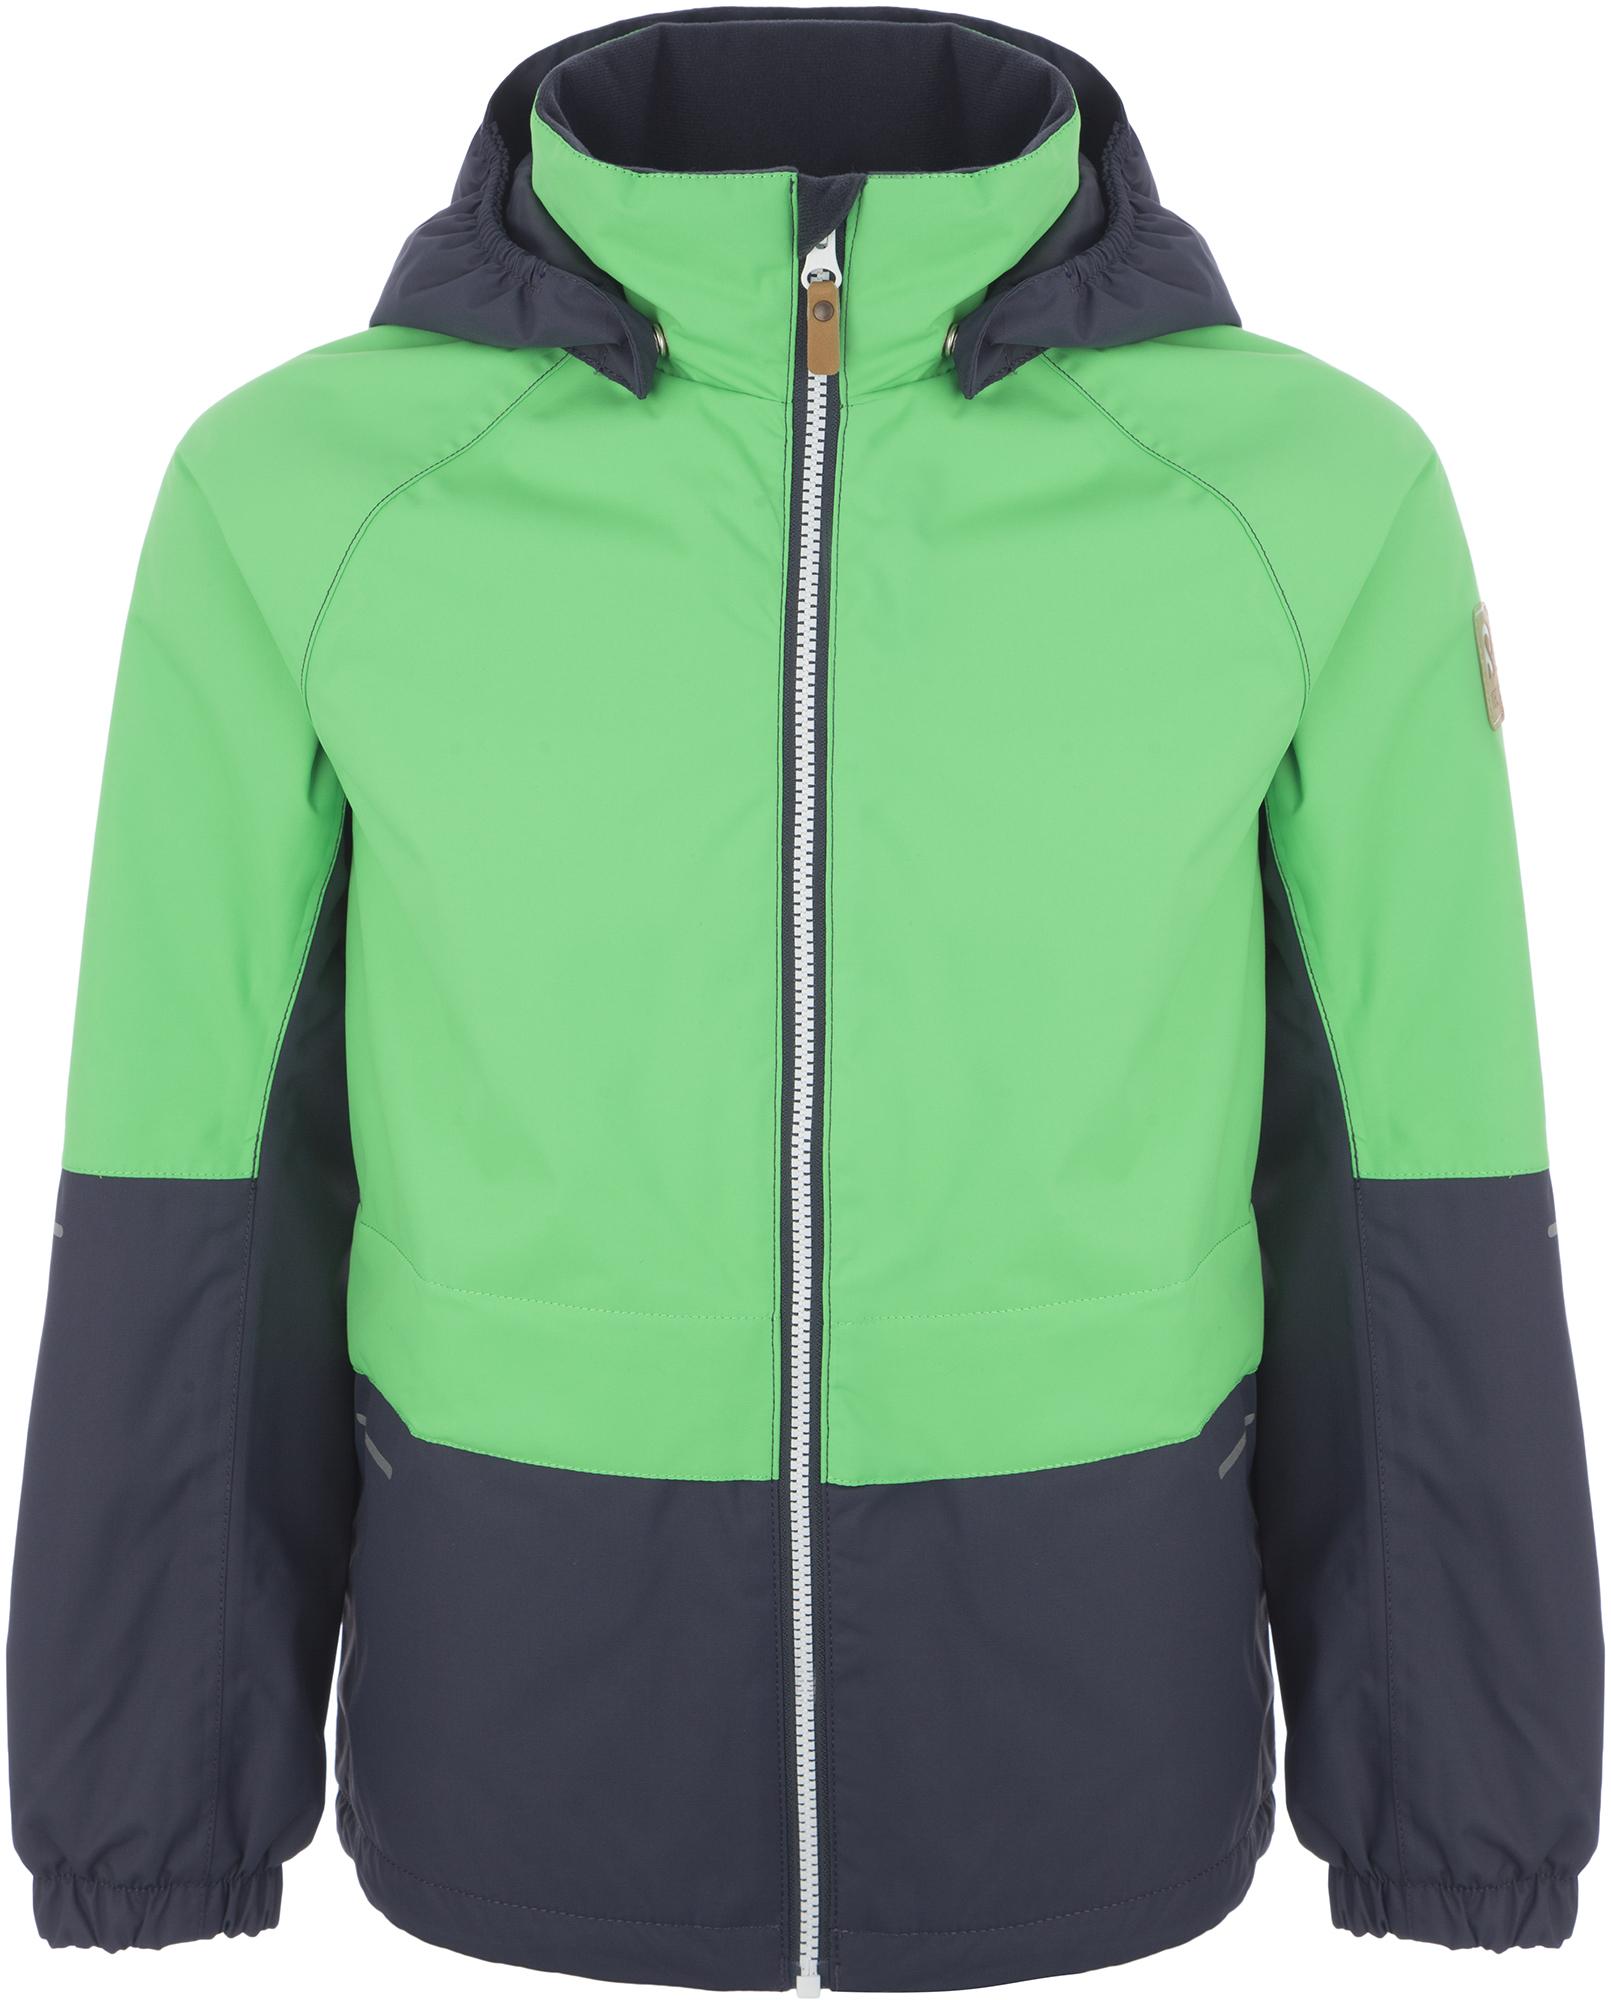 Reima Куртка утепленная для мальчиков Reima Aho, размер 140 цена